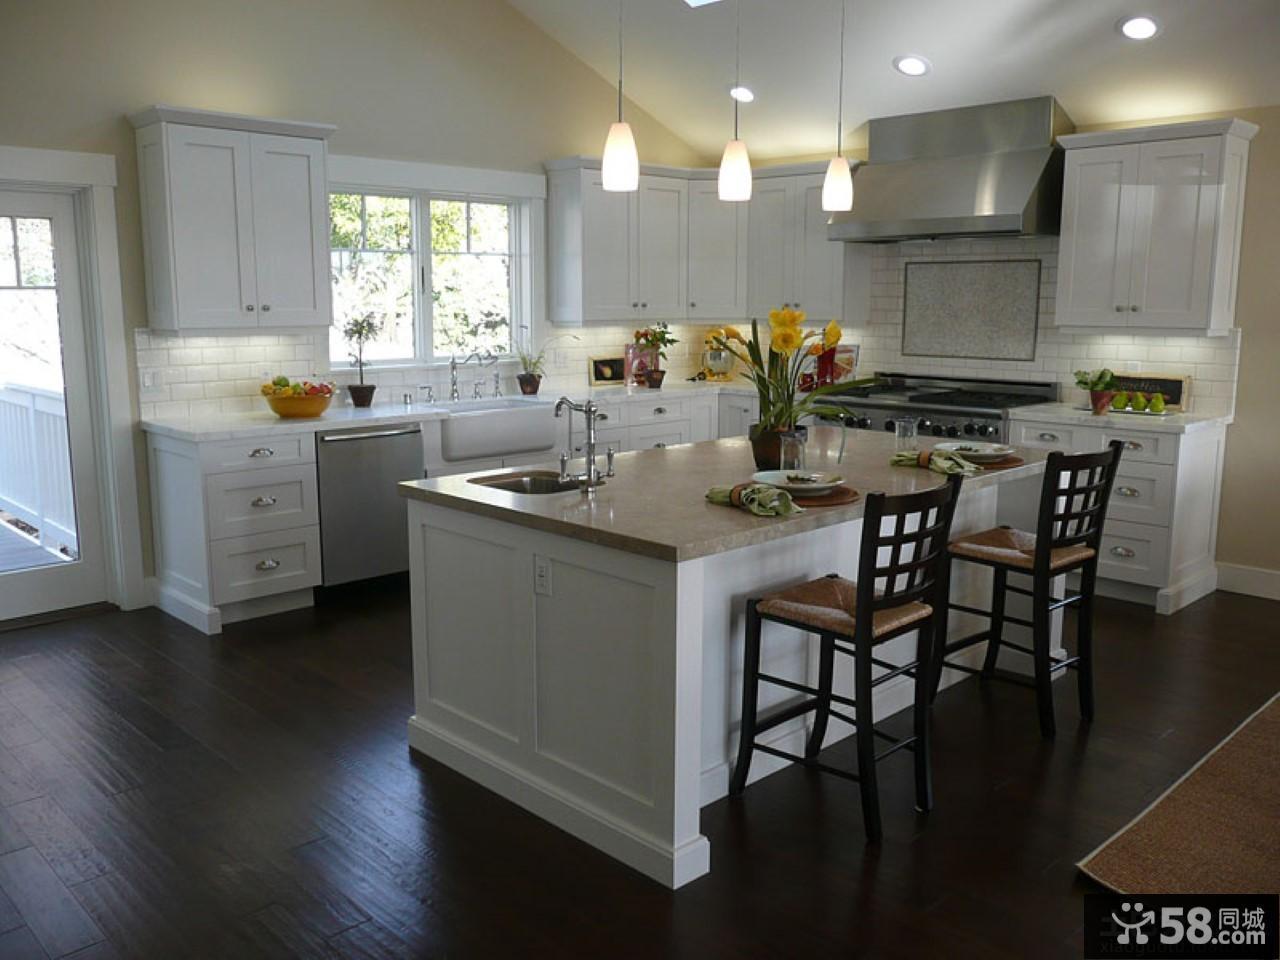 现代欧式家庭大厨房装修效果图